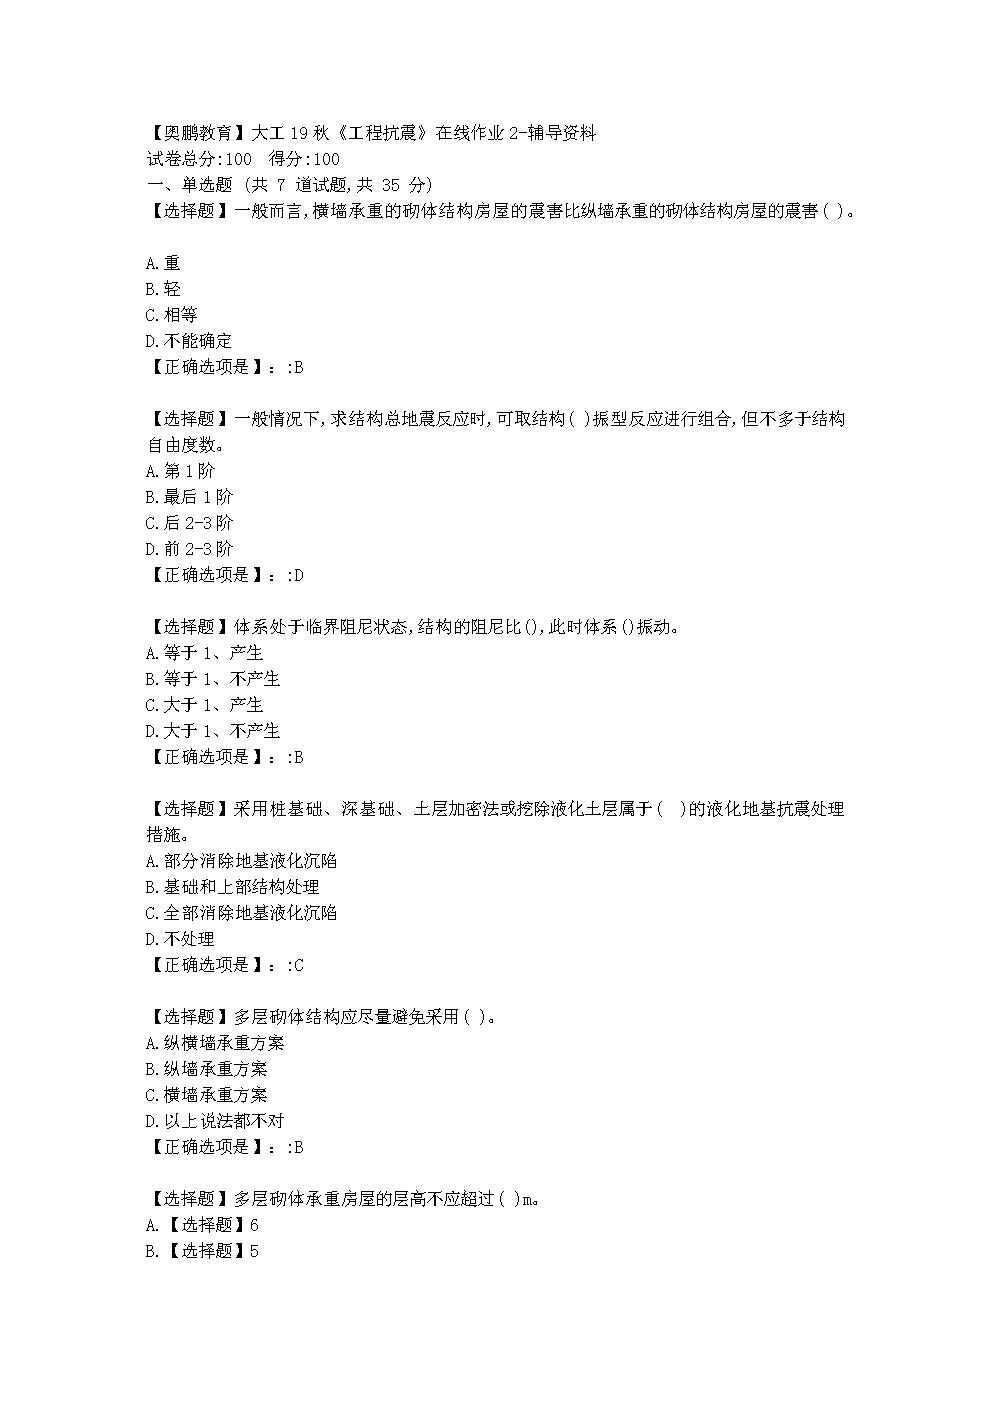 大连理工大学19秋《工程抗震》在线作业2学习资料.doc